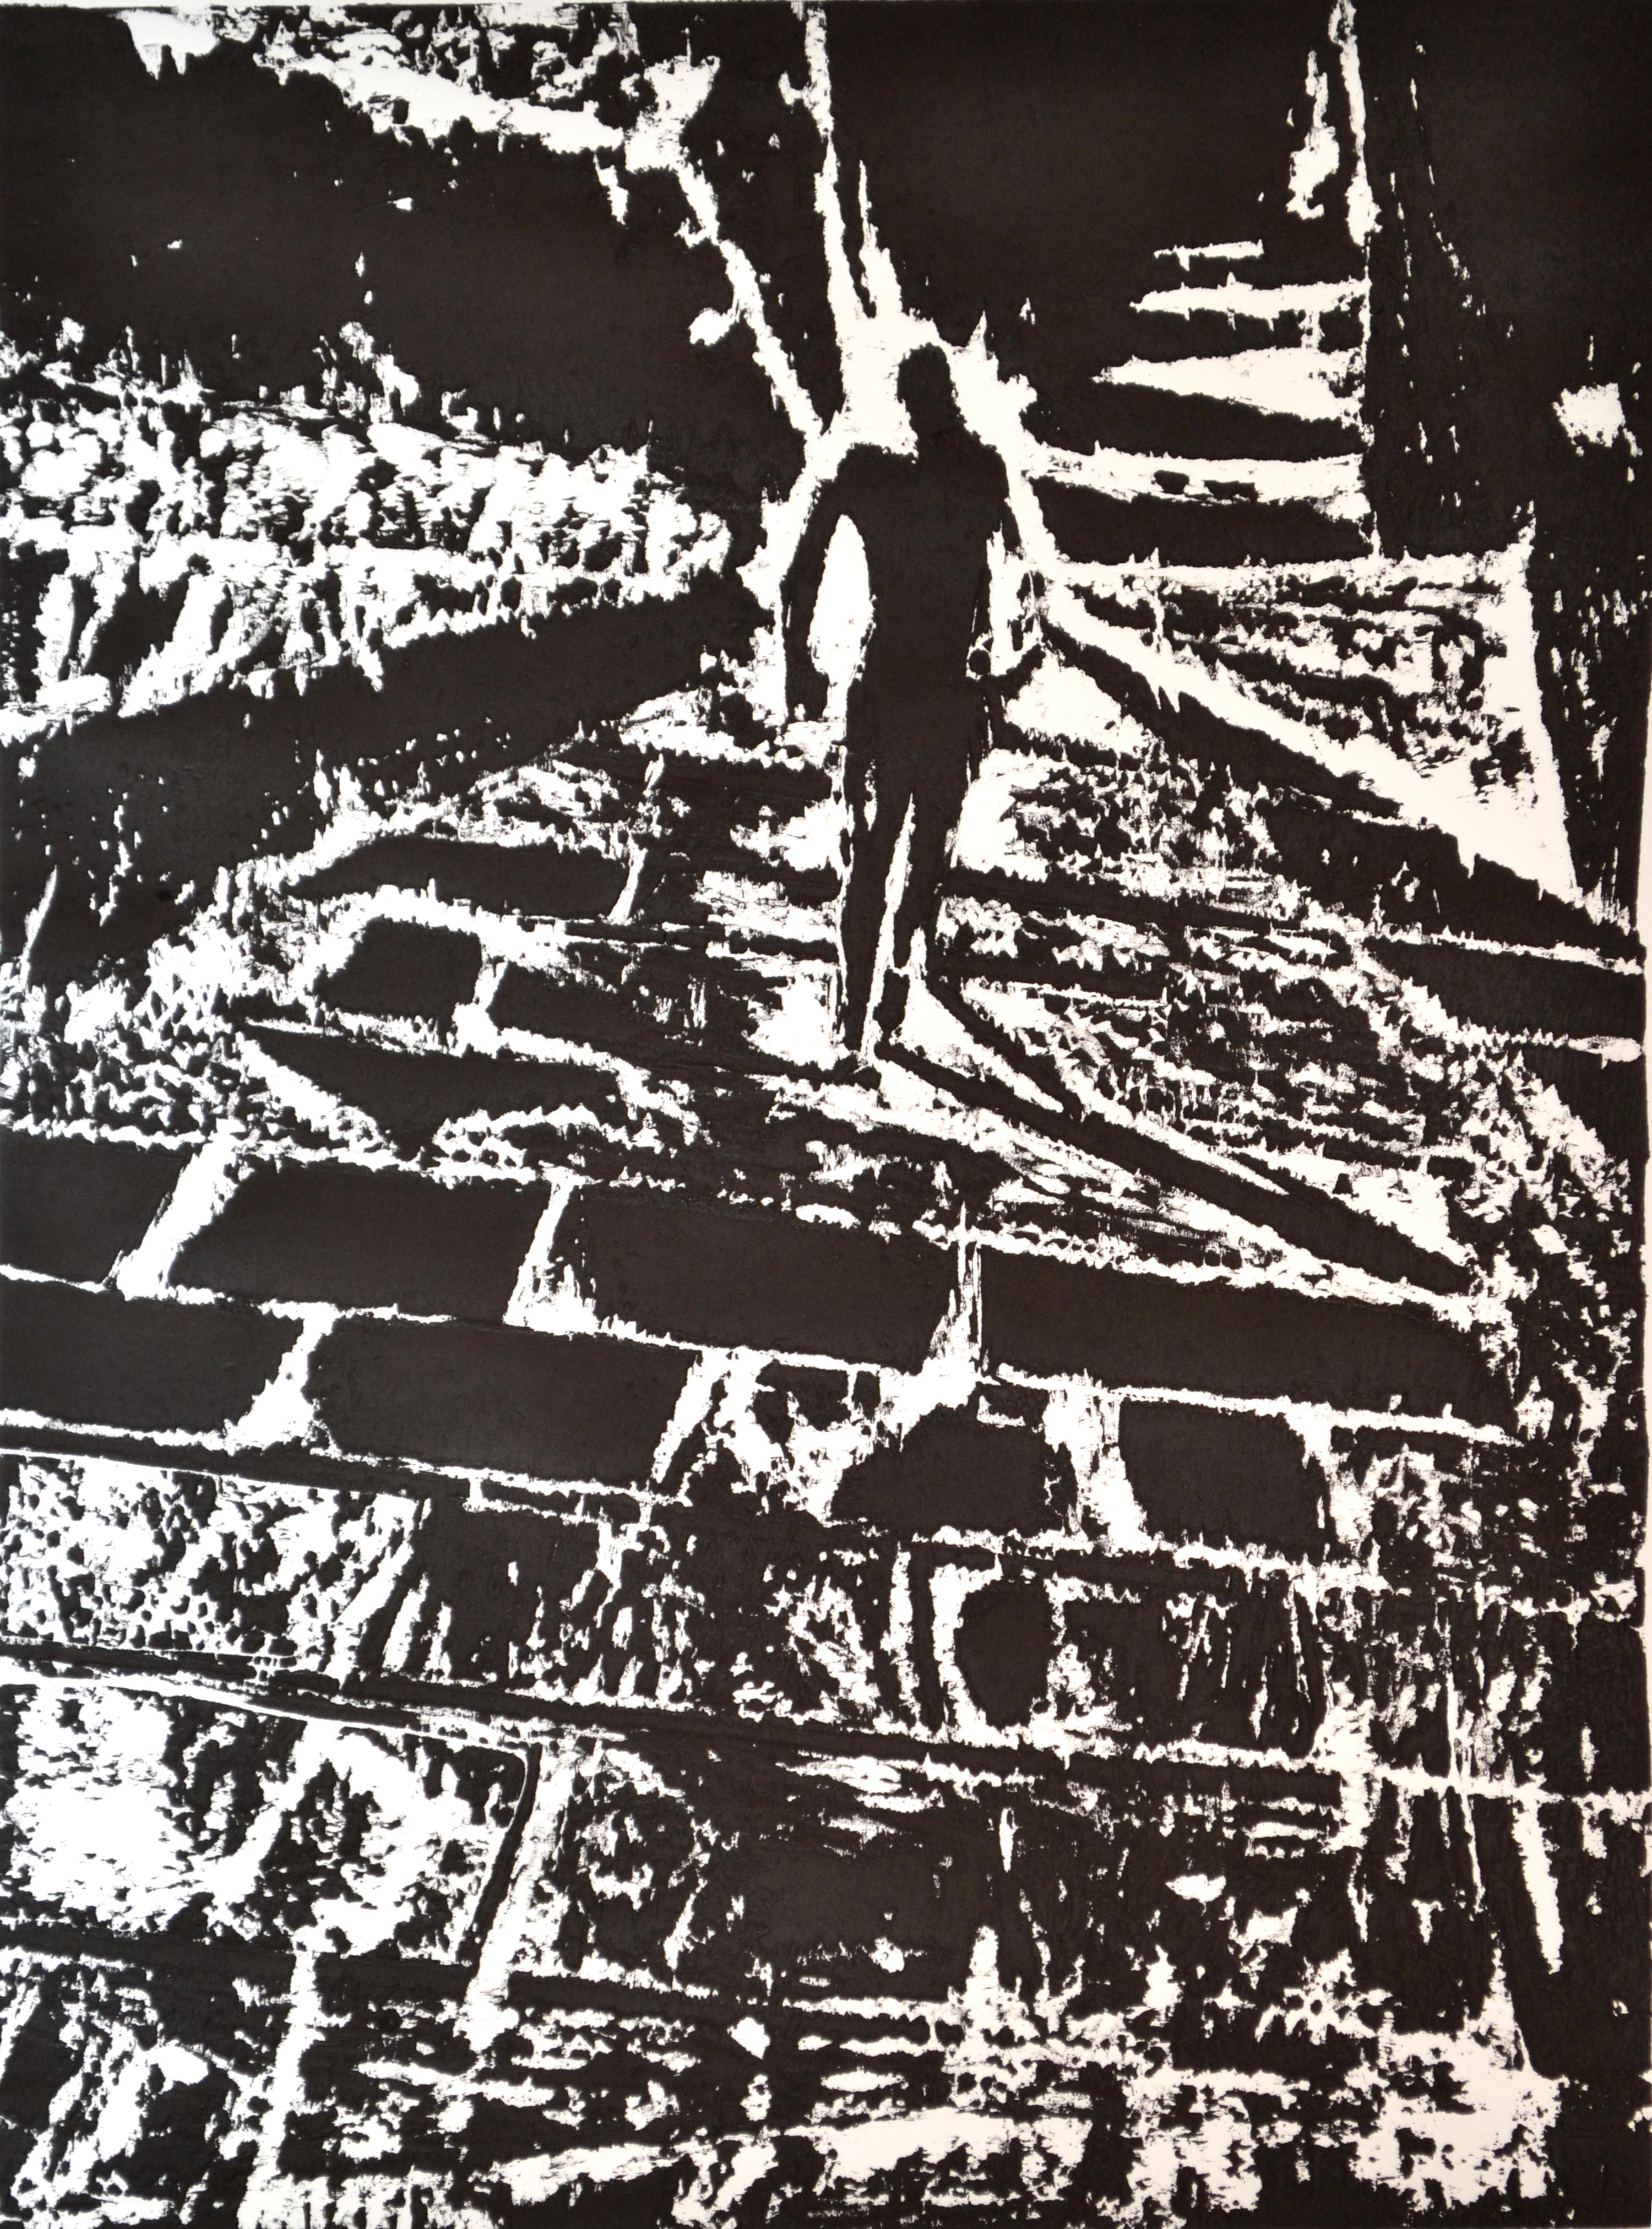 exposition personnelle Cécile Orsoni gravures sur bois Paris